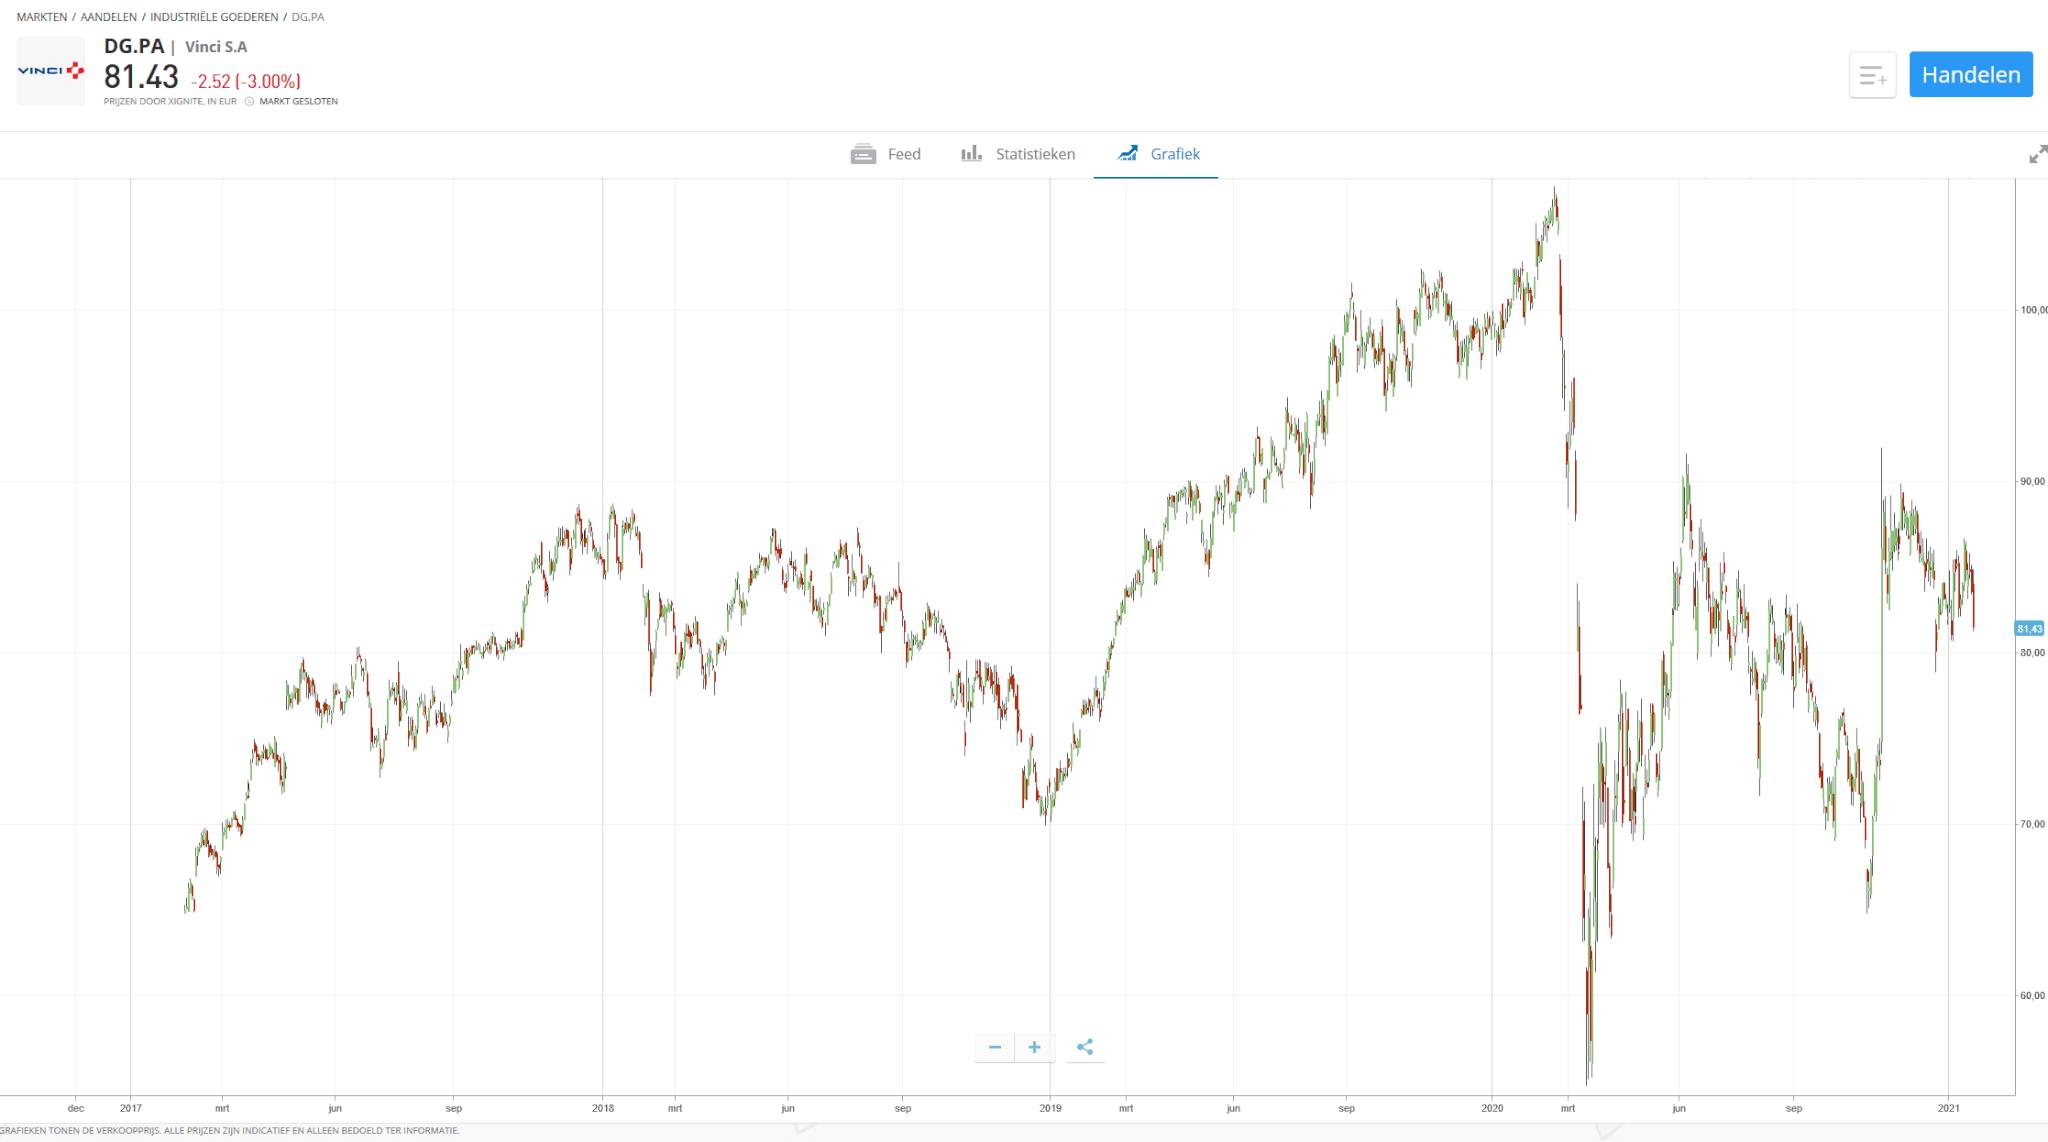 Koers vinci aandelen etoro